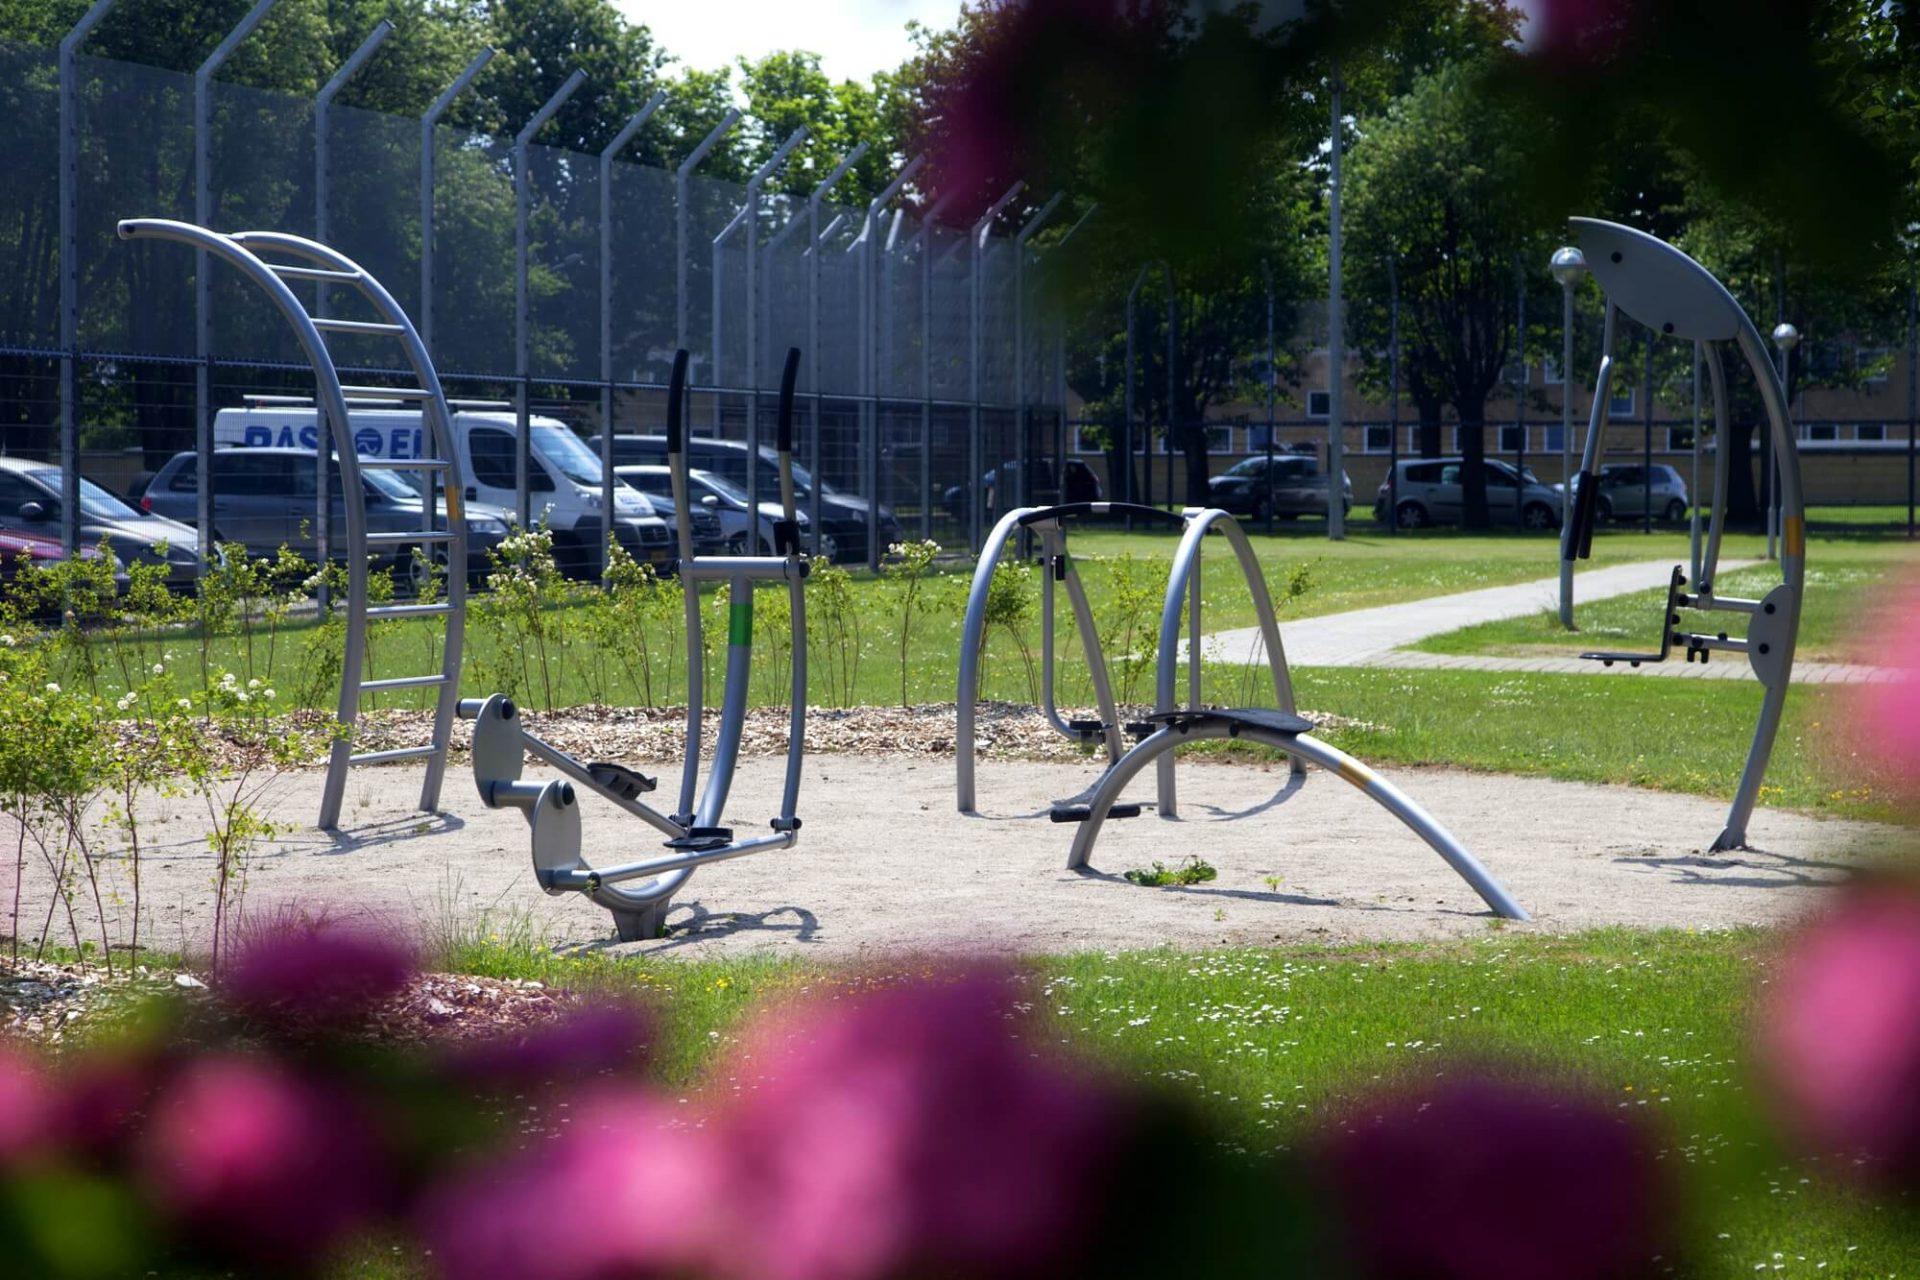 udendørs motion mod P-plads1